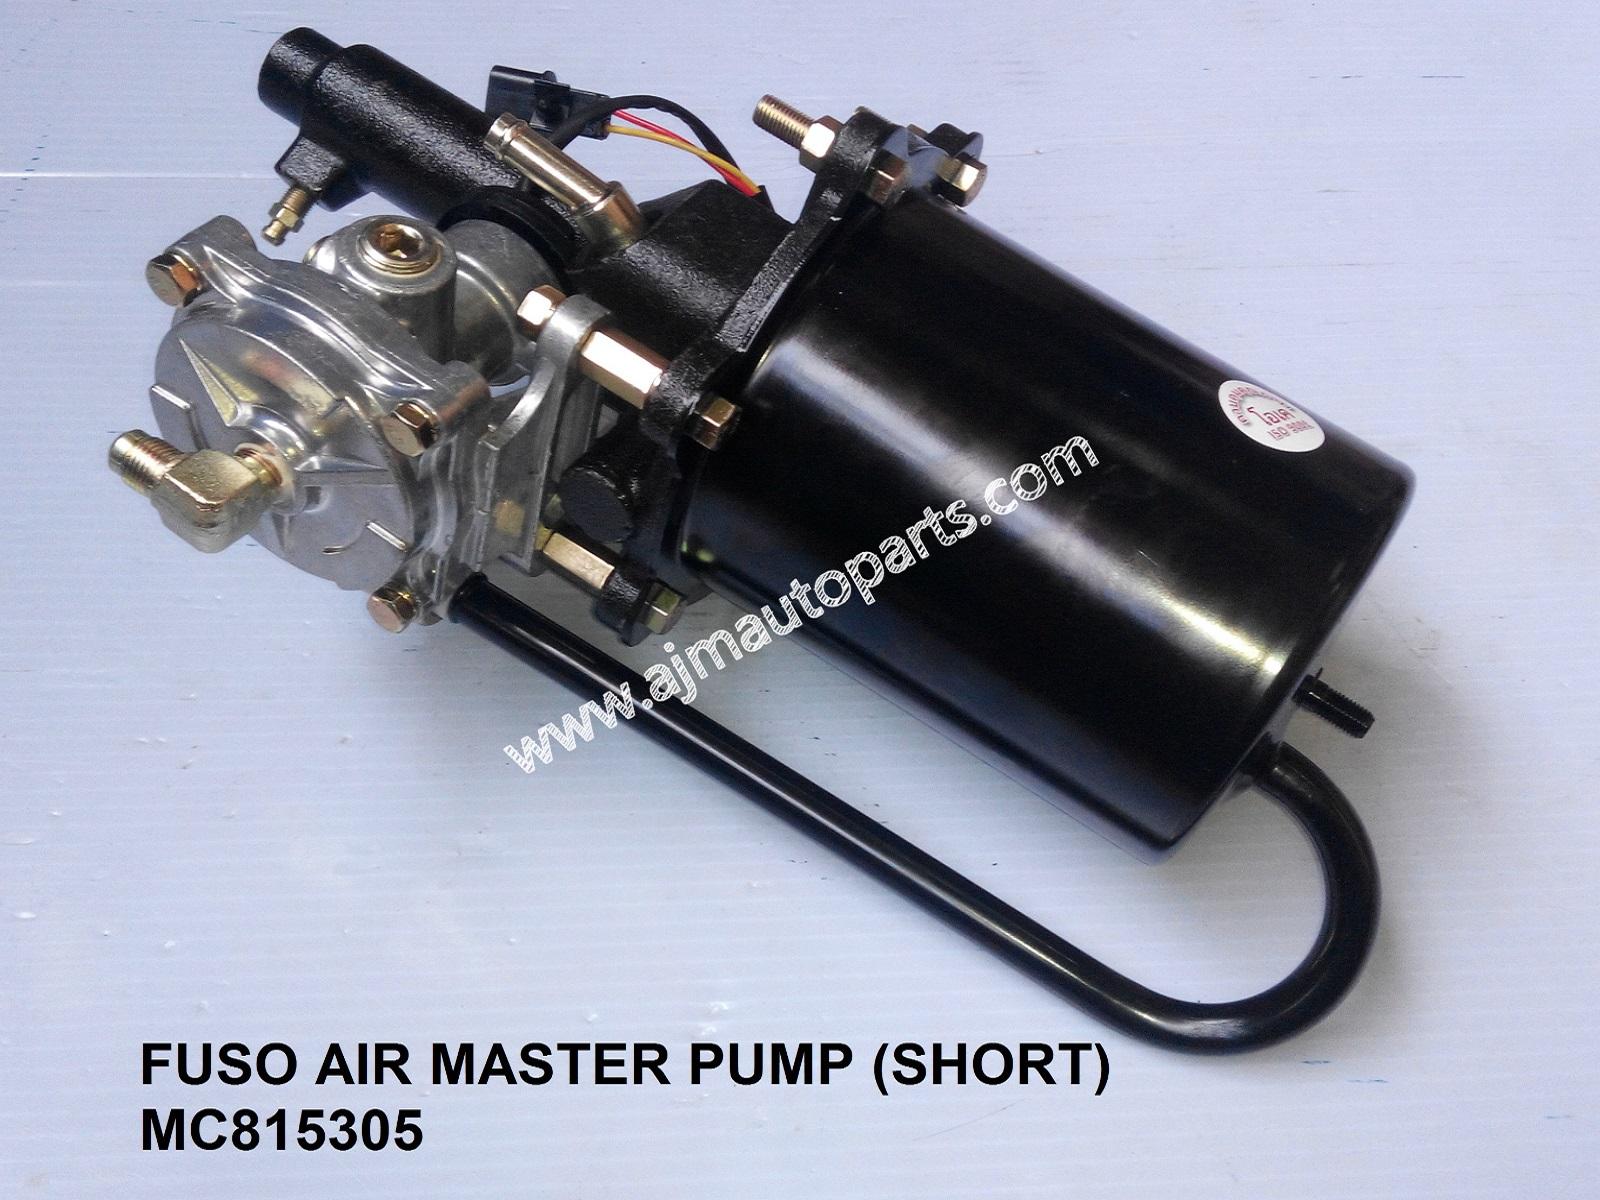 fuso_air_master_pump-mc815305